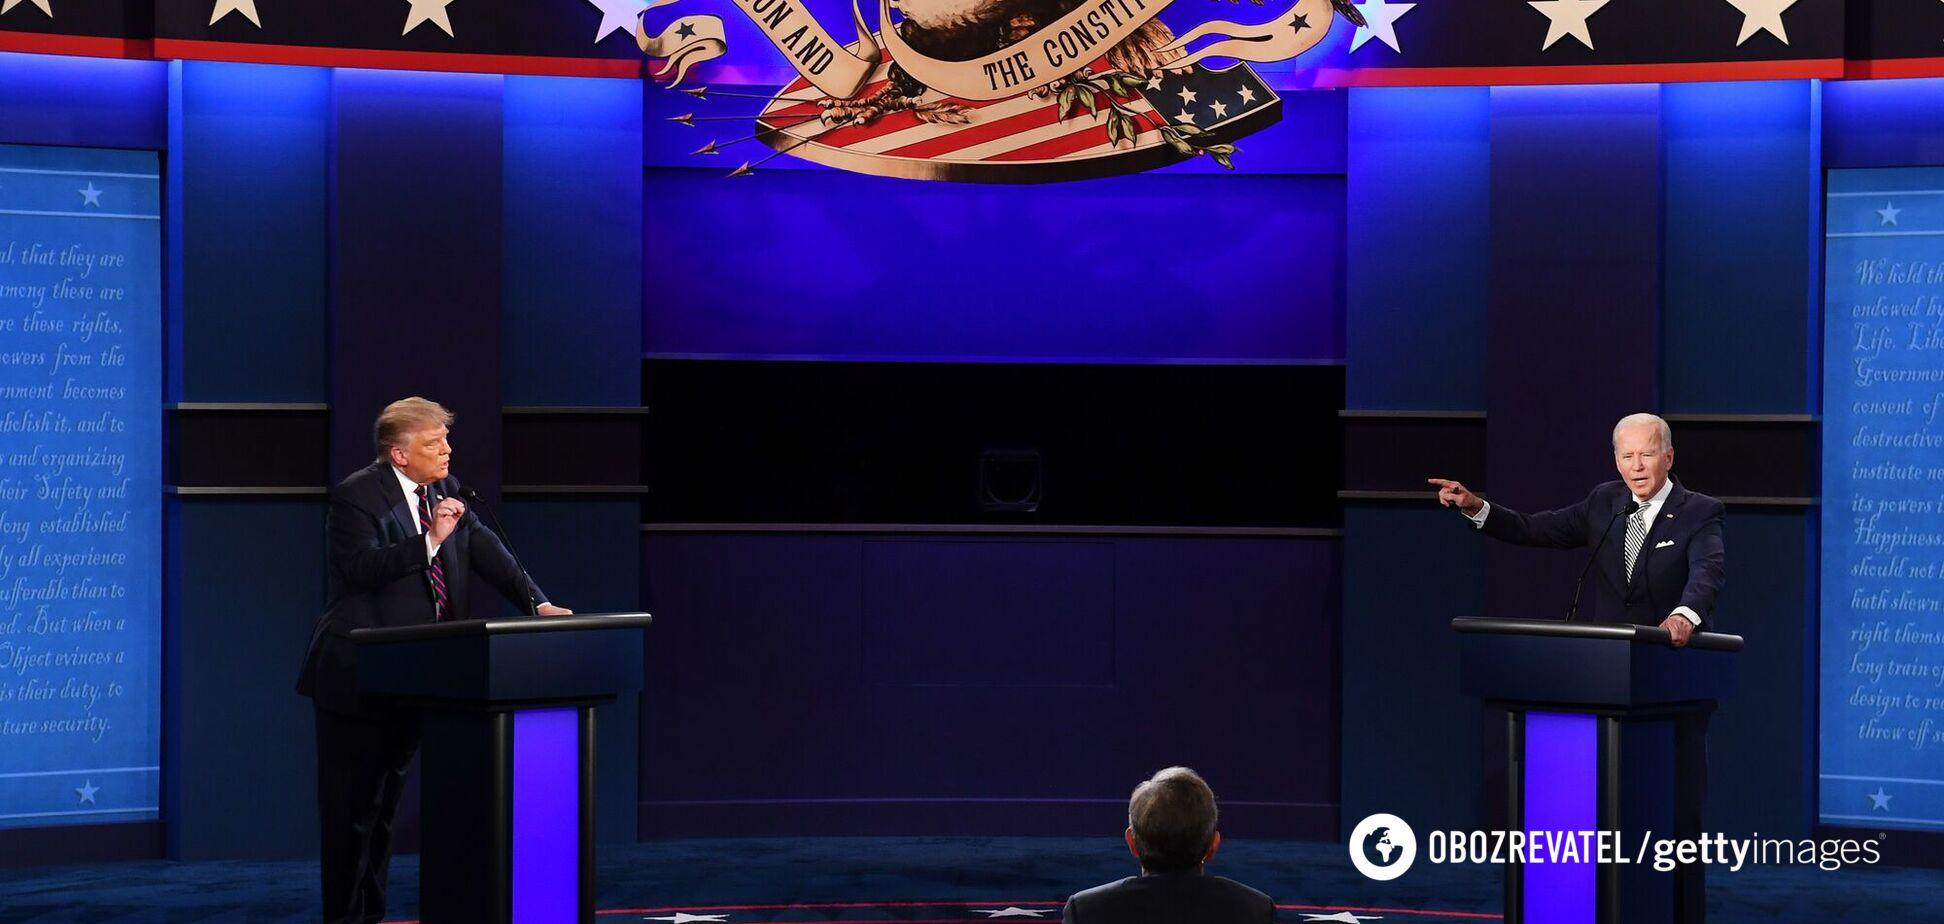 Дебаты между Дональдом Трампом и Джо Байденом